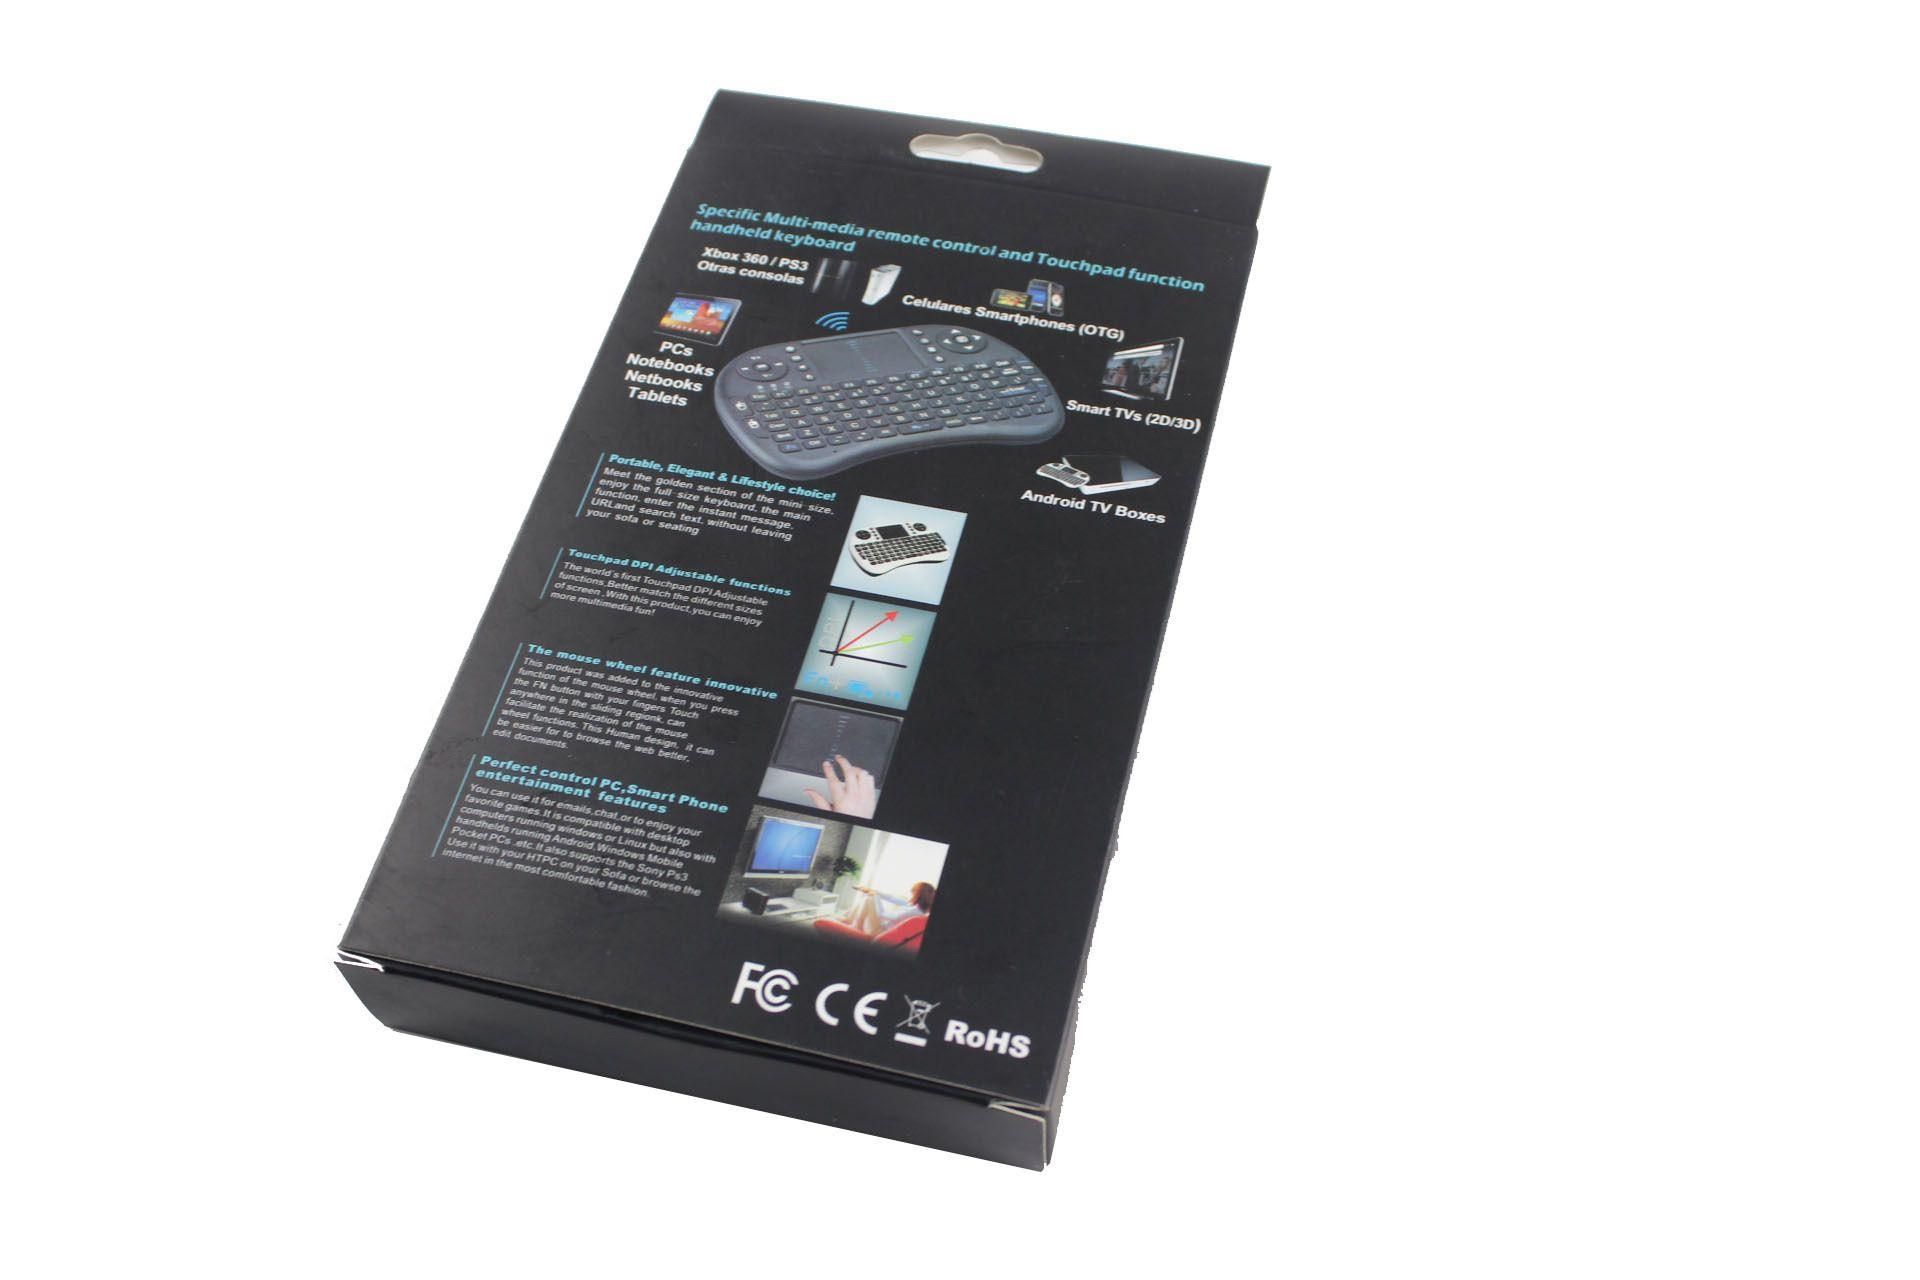 Fly Air Mouse I8 backlight إصدار بطارية الليثيوم 2.4G لوحة المفاتيح اللاسلكية التحكم عن بعد لوحة اللمس للكمبيوتر الدفتري Android TV Box